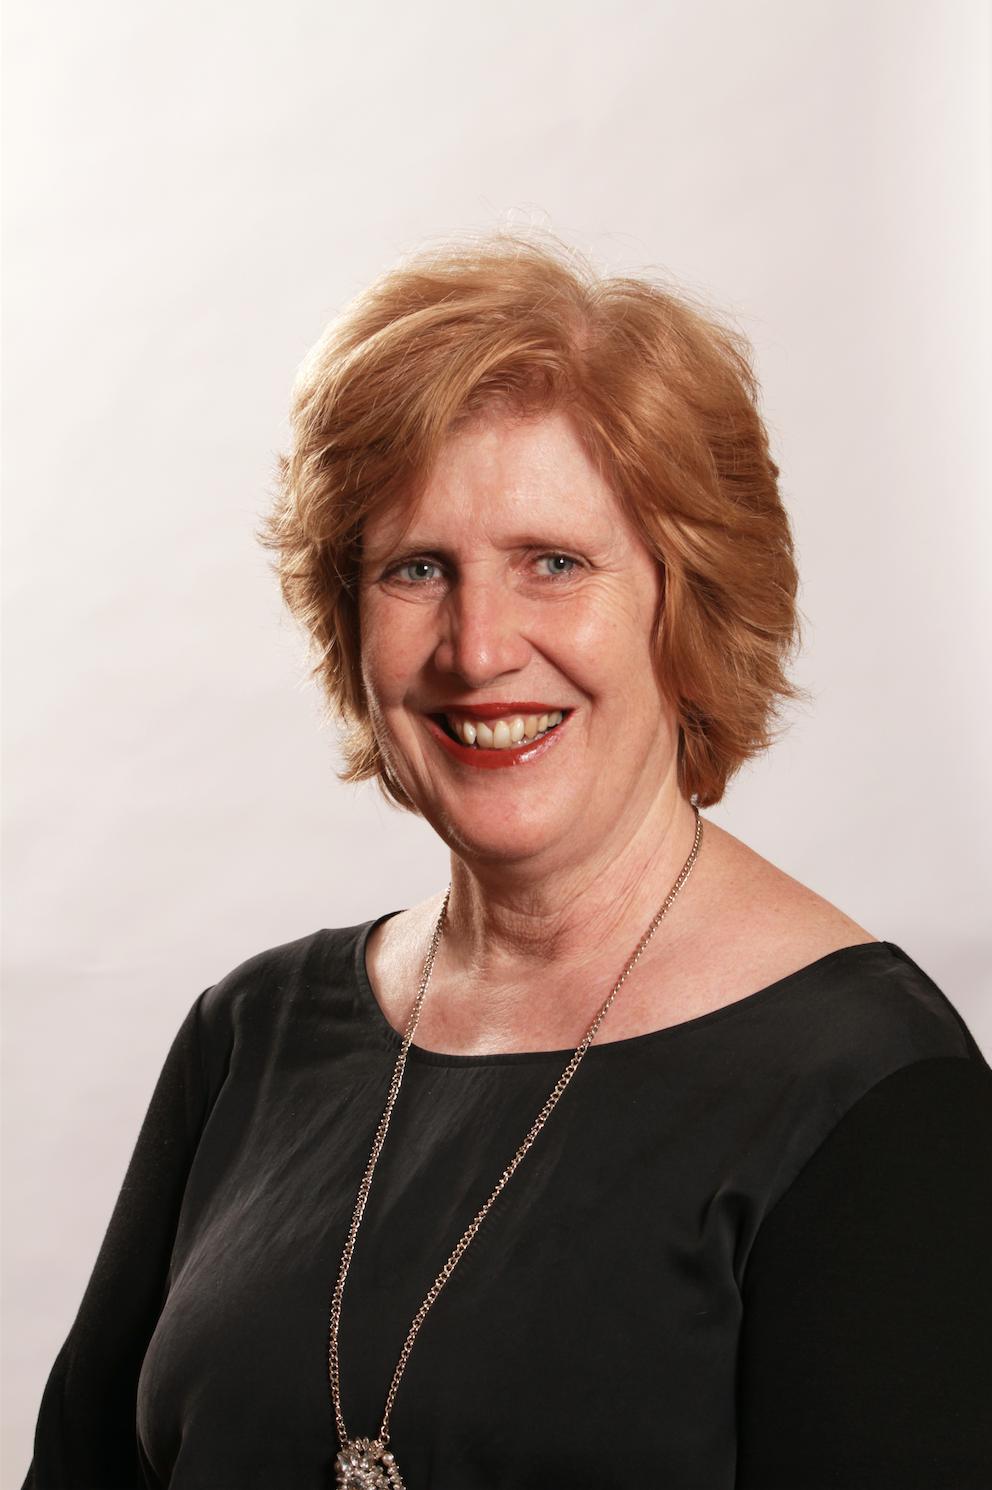 Jill Remington